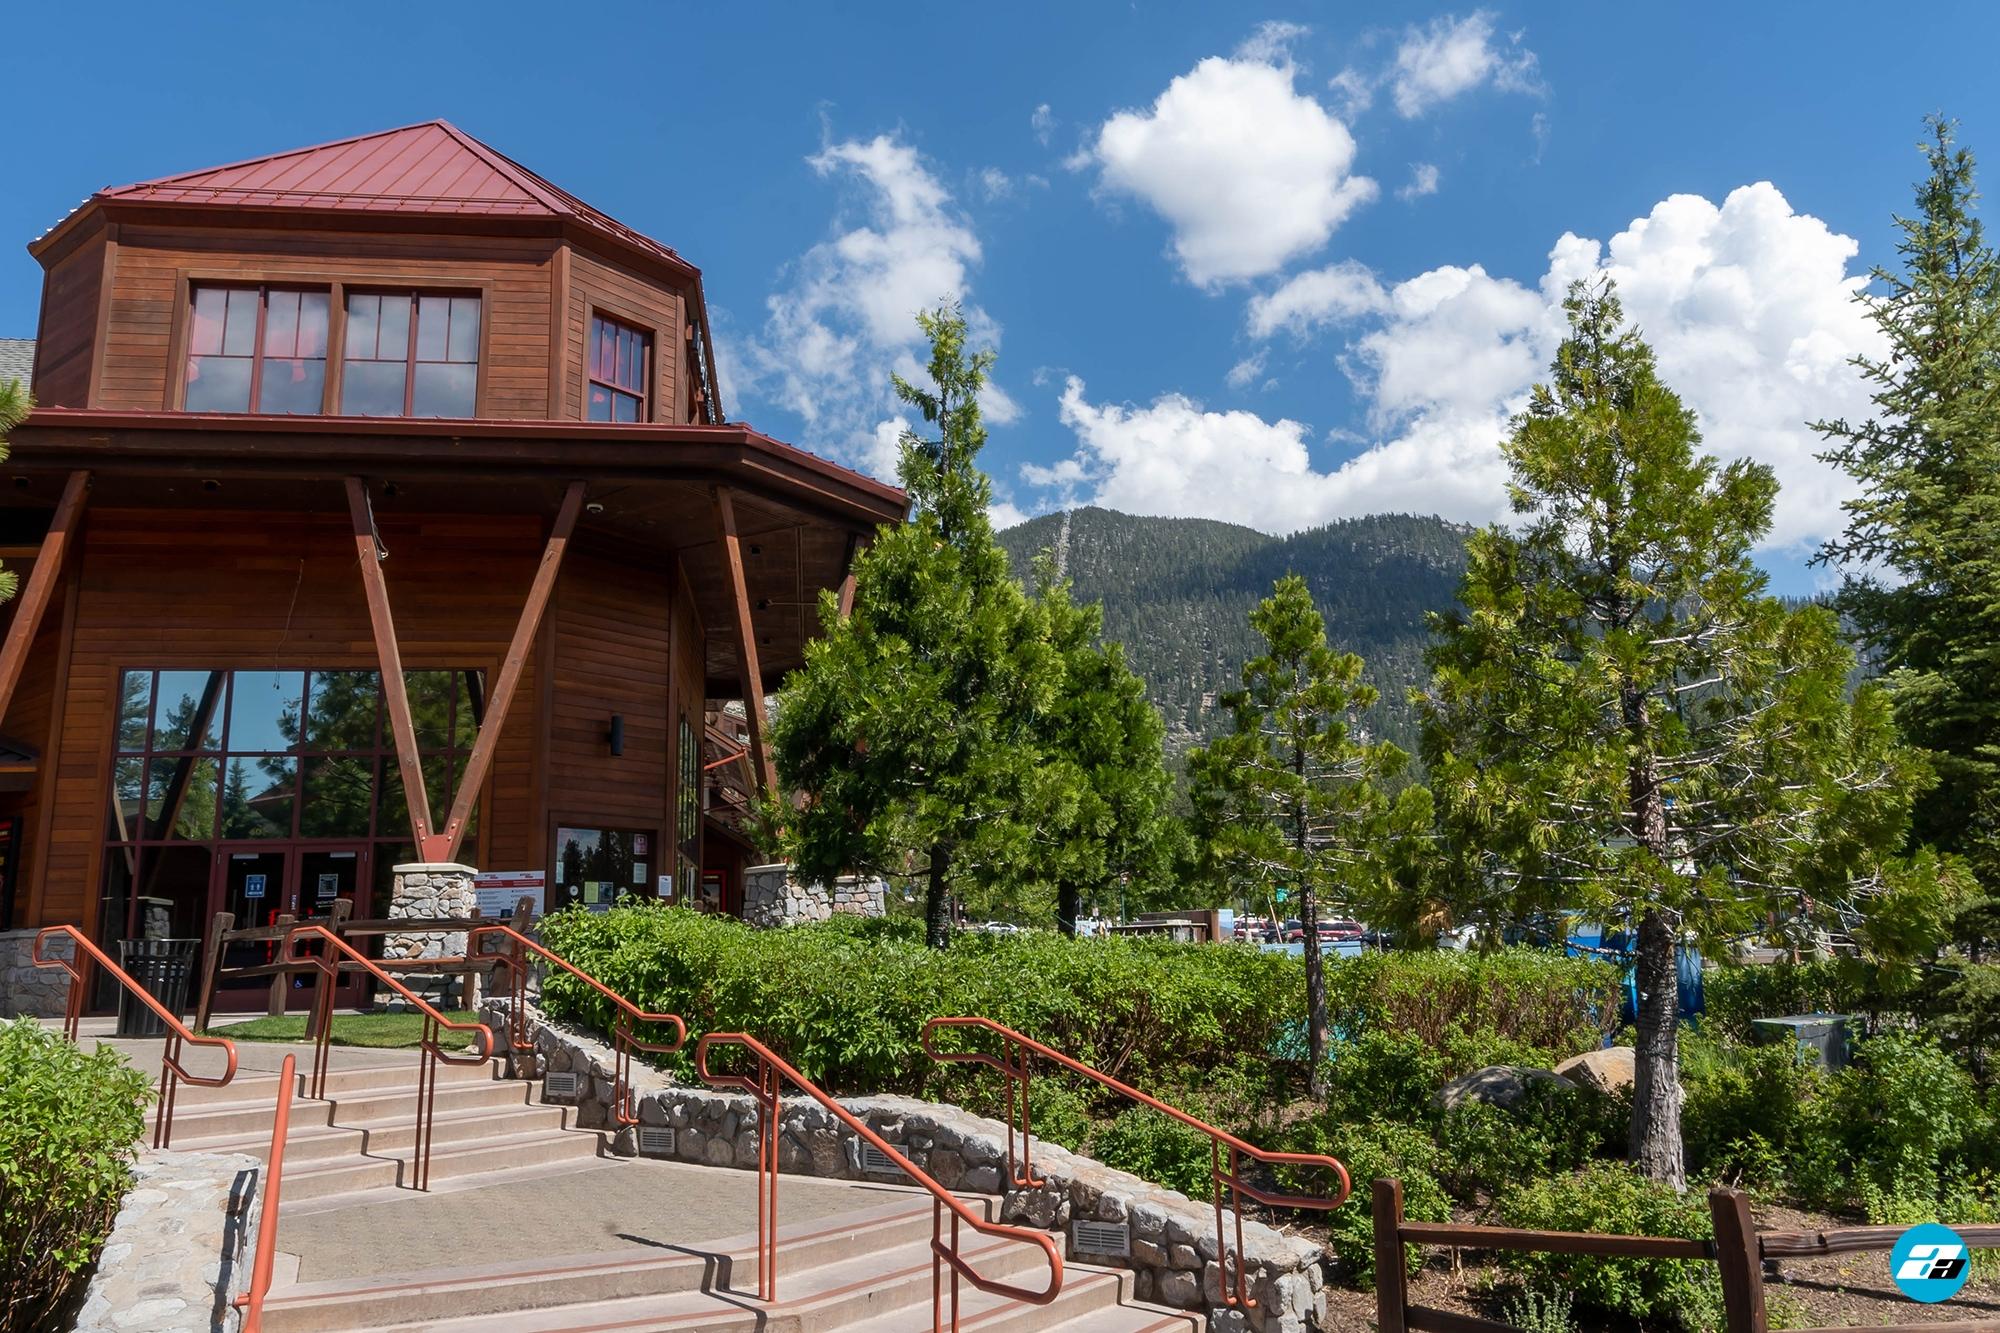 Heavenly Village, Lake Tahoe